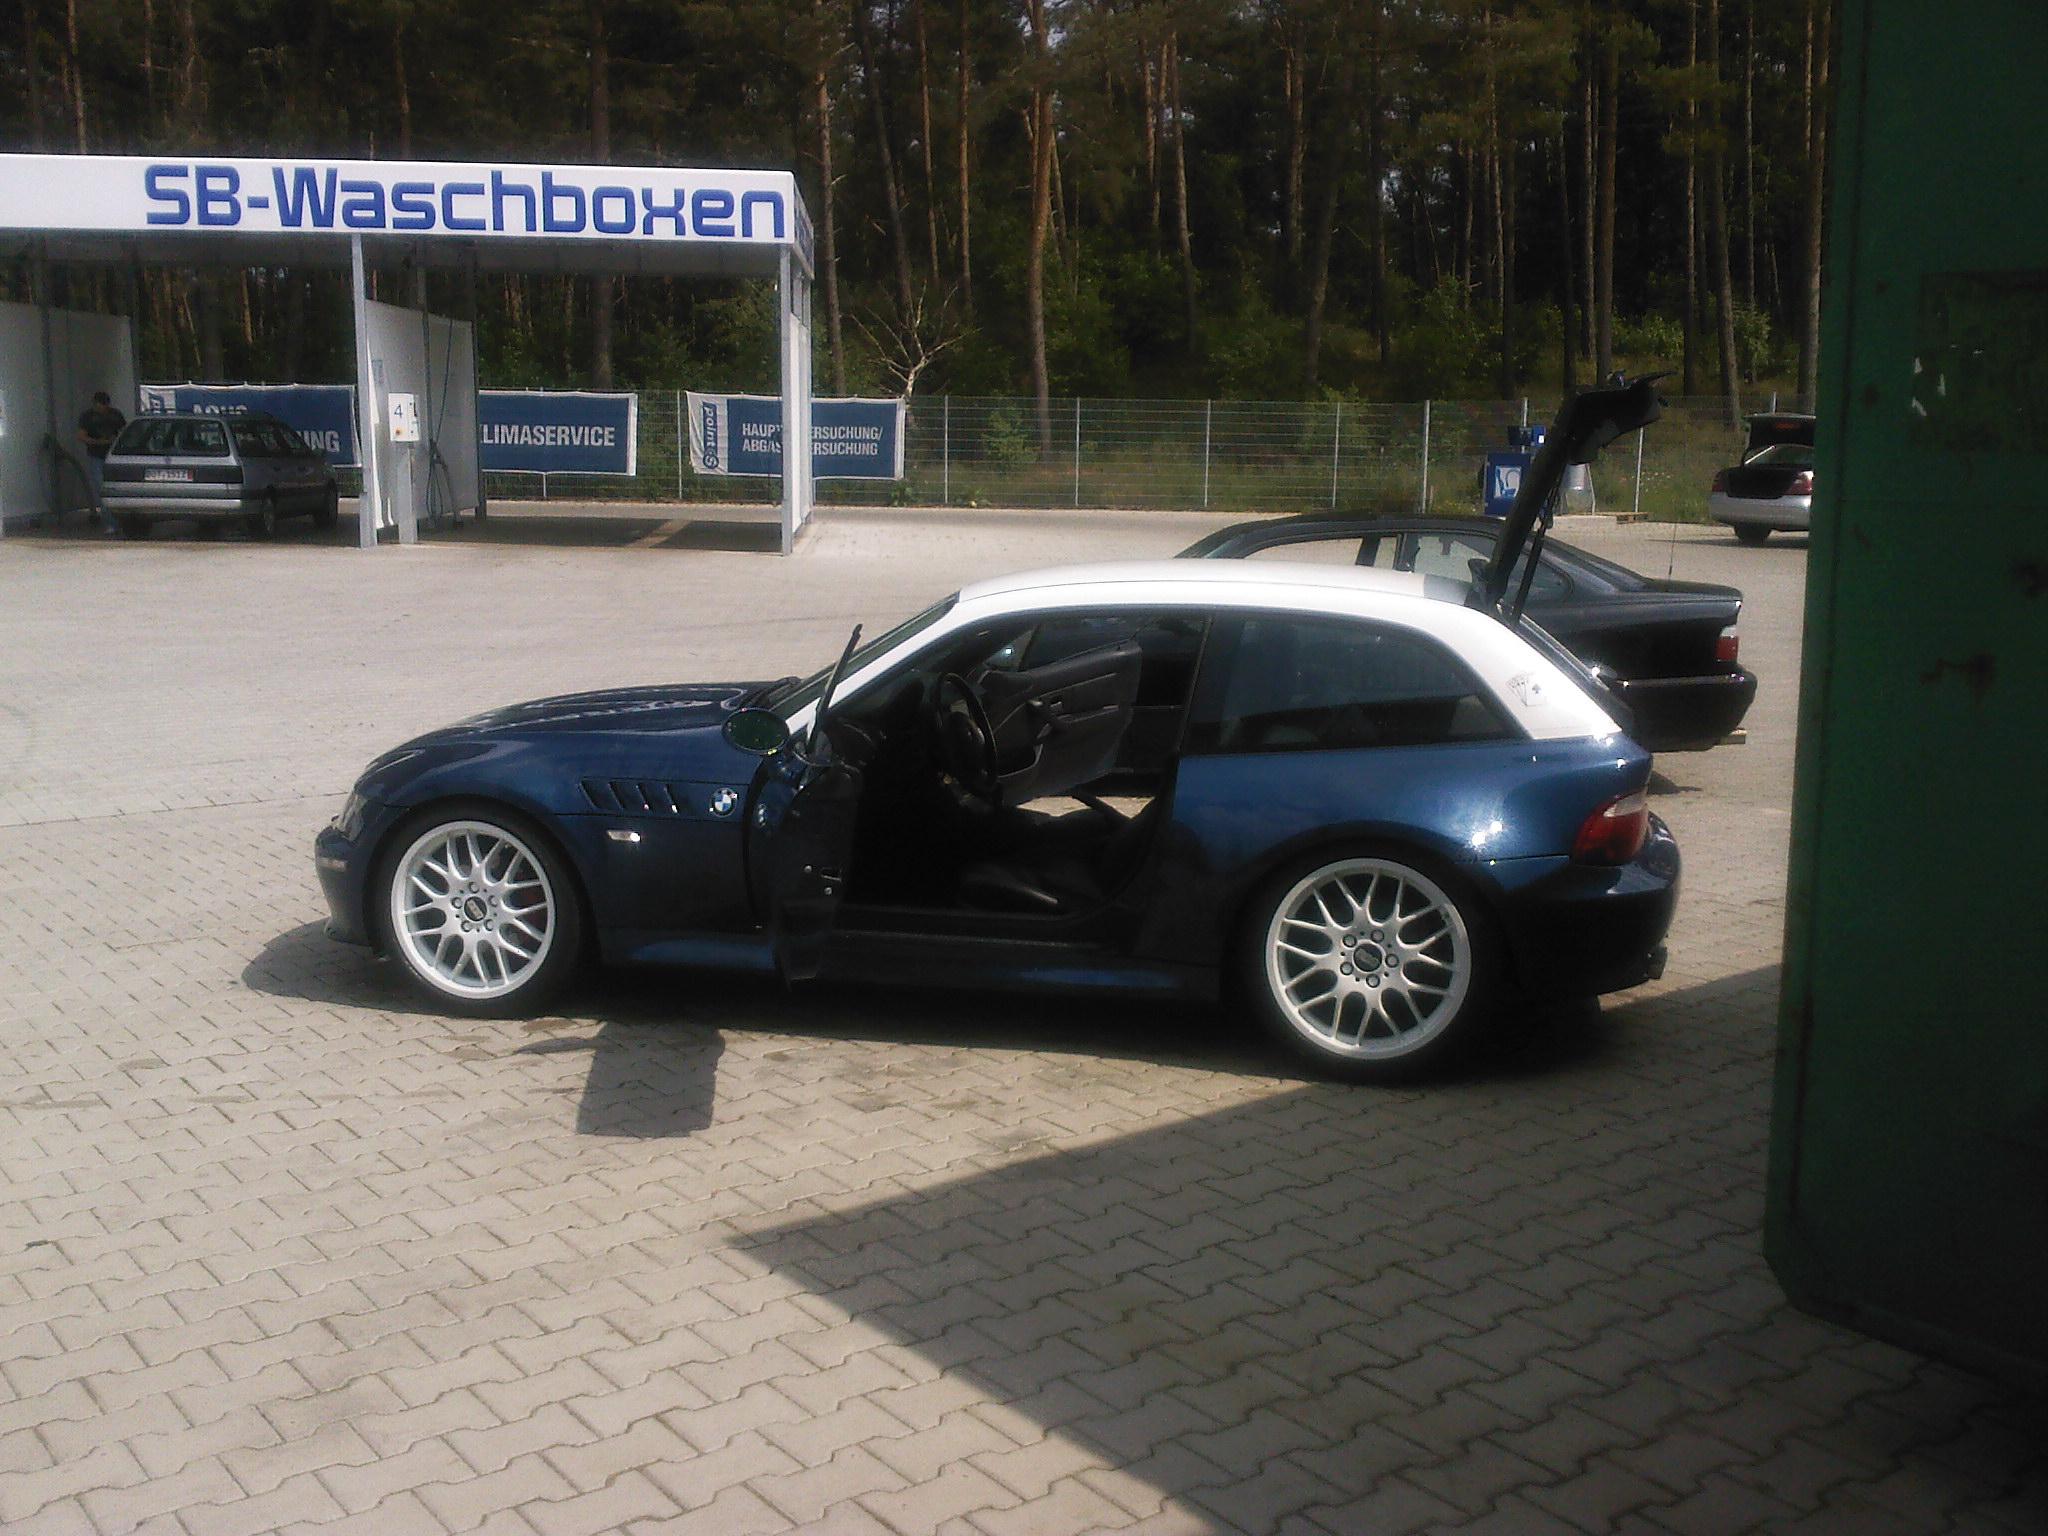 Auto Bmw Z3 Coupe Pagenstecher De Deine Automeile Im Netz